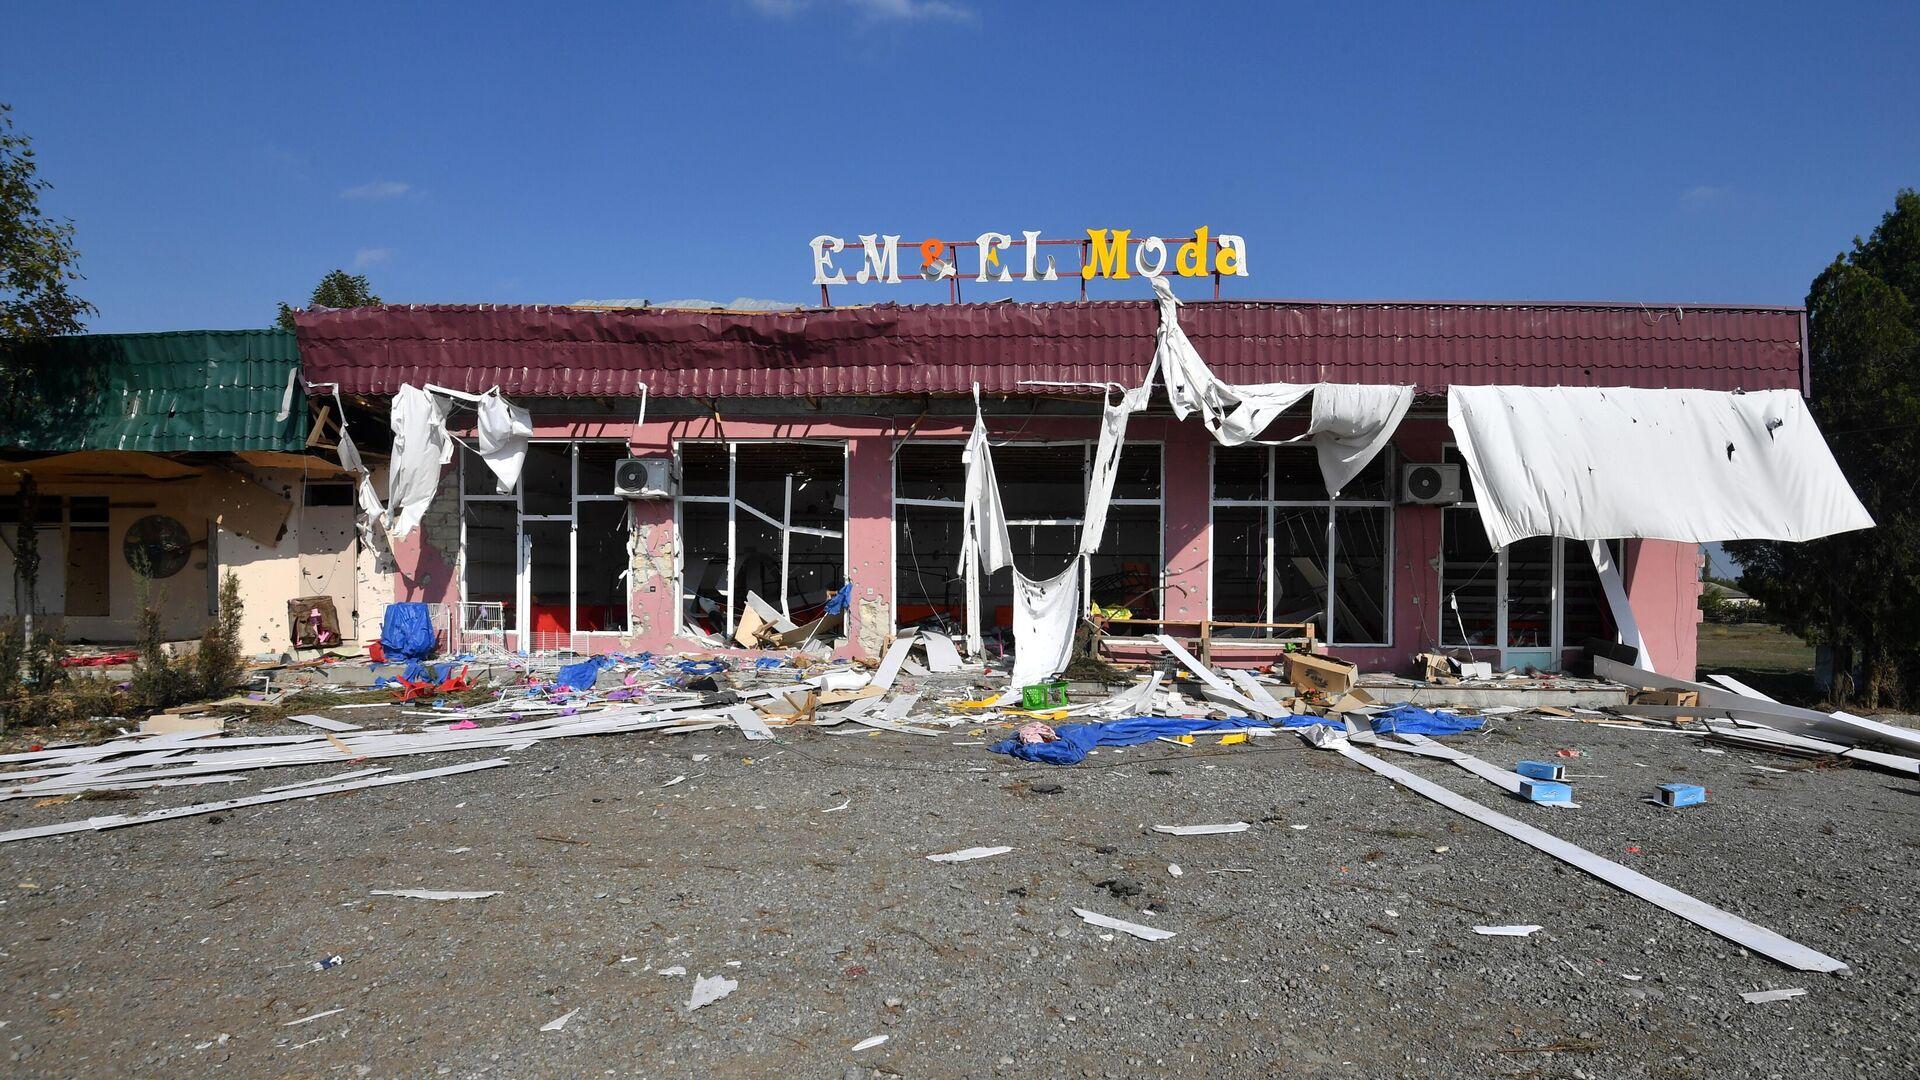 Магазин, разрушенный в результате обстрелов одного из сел в Тертерском районе - РИА Новости, 1920, 21.10.2020